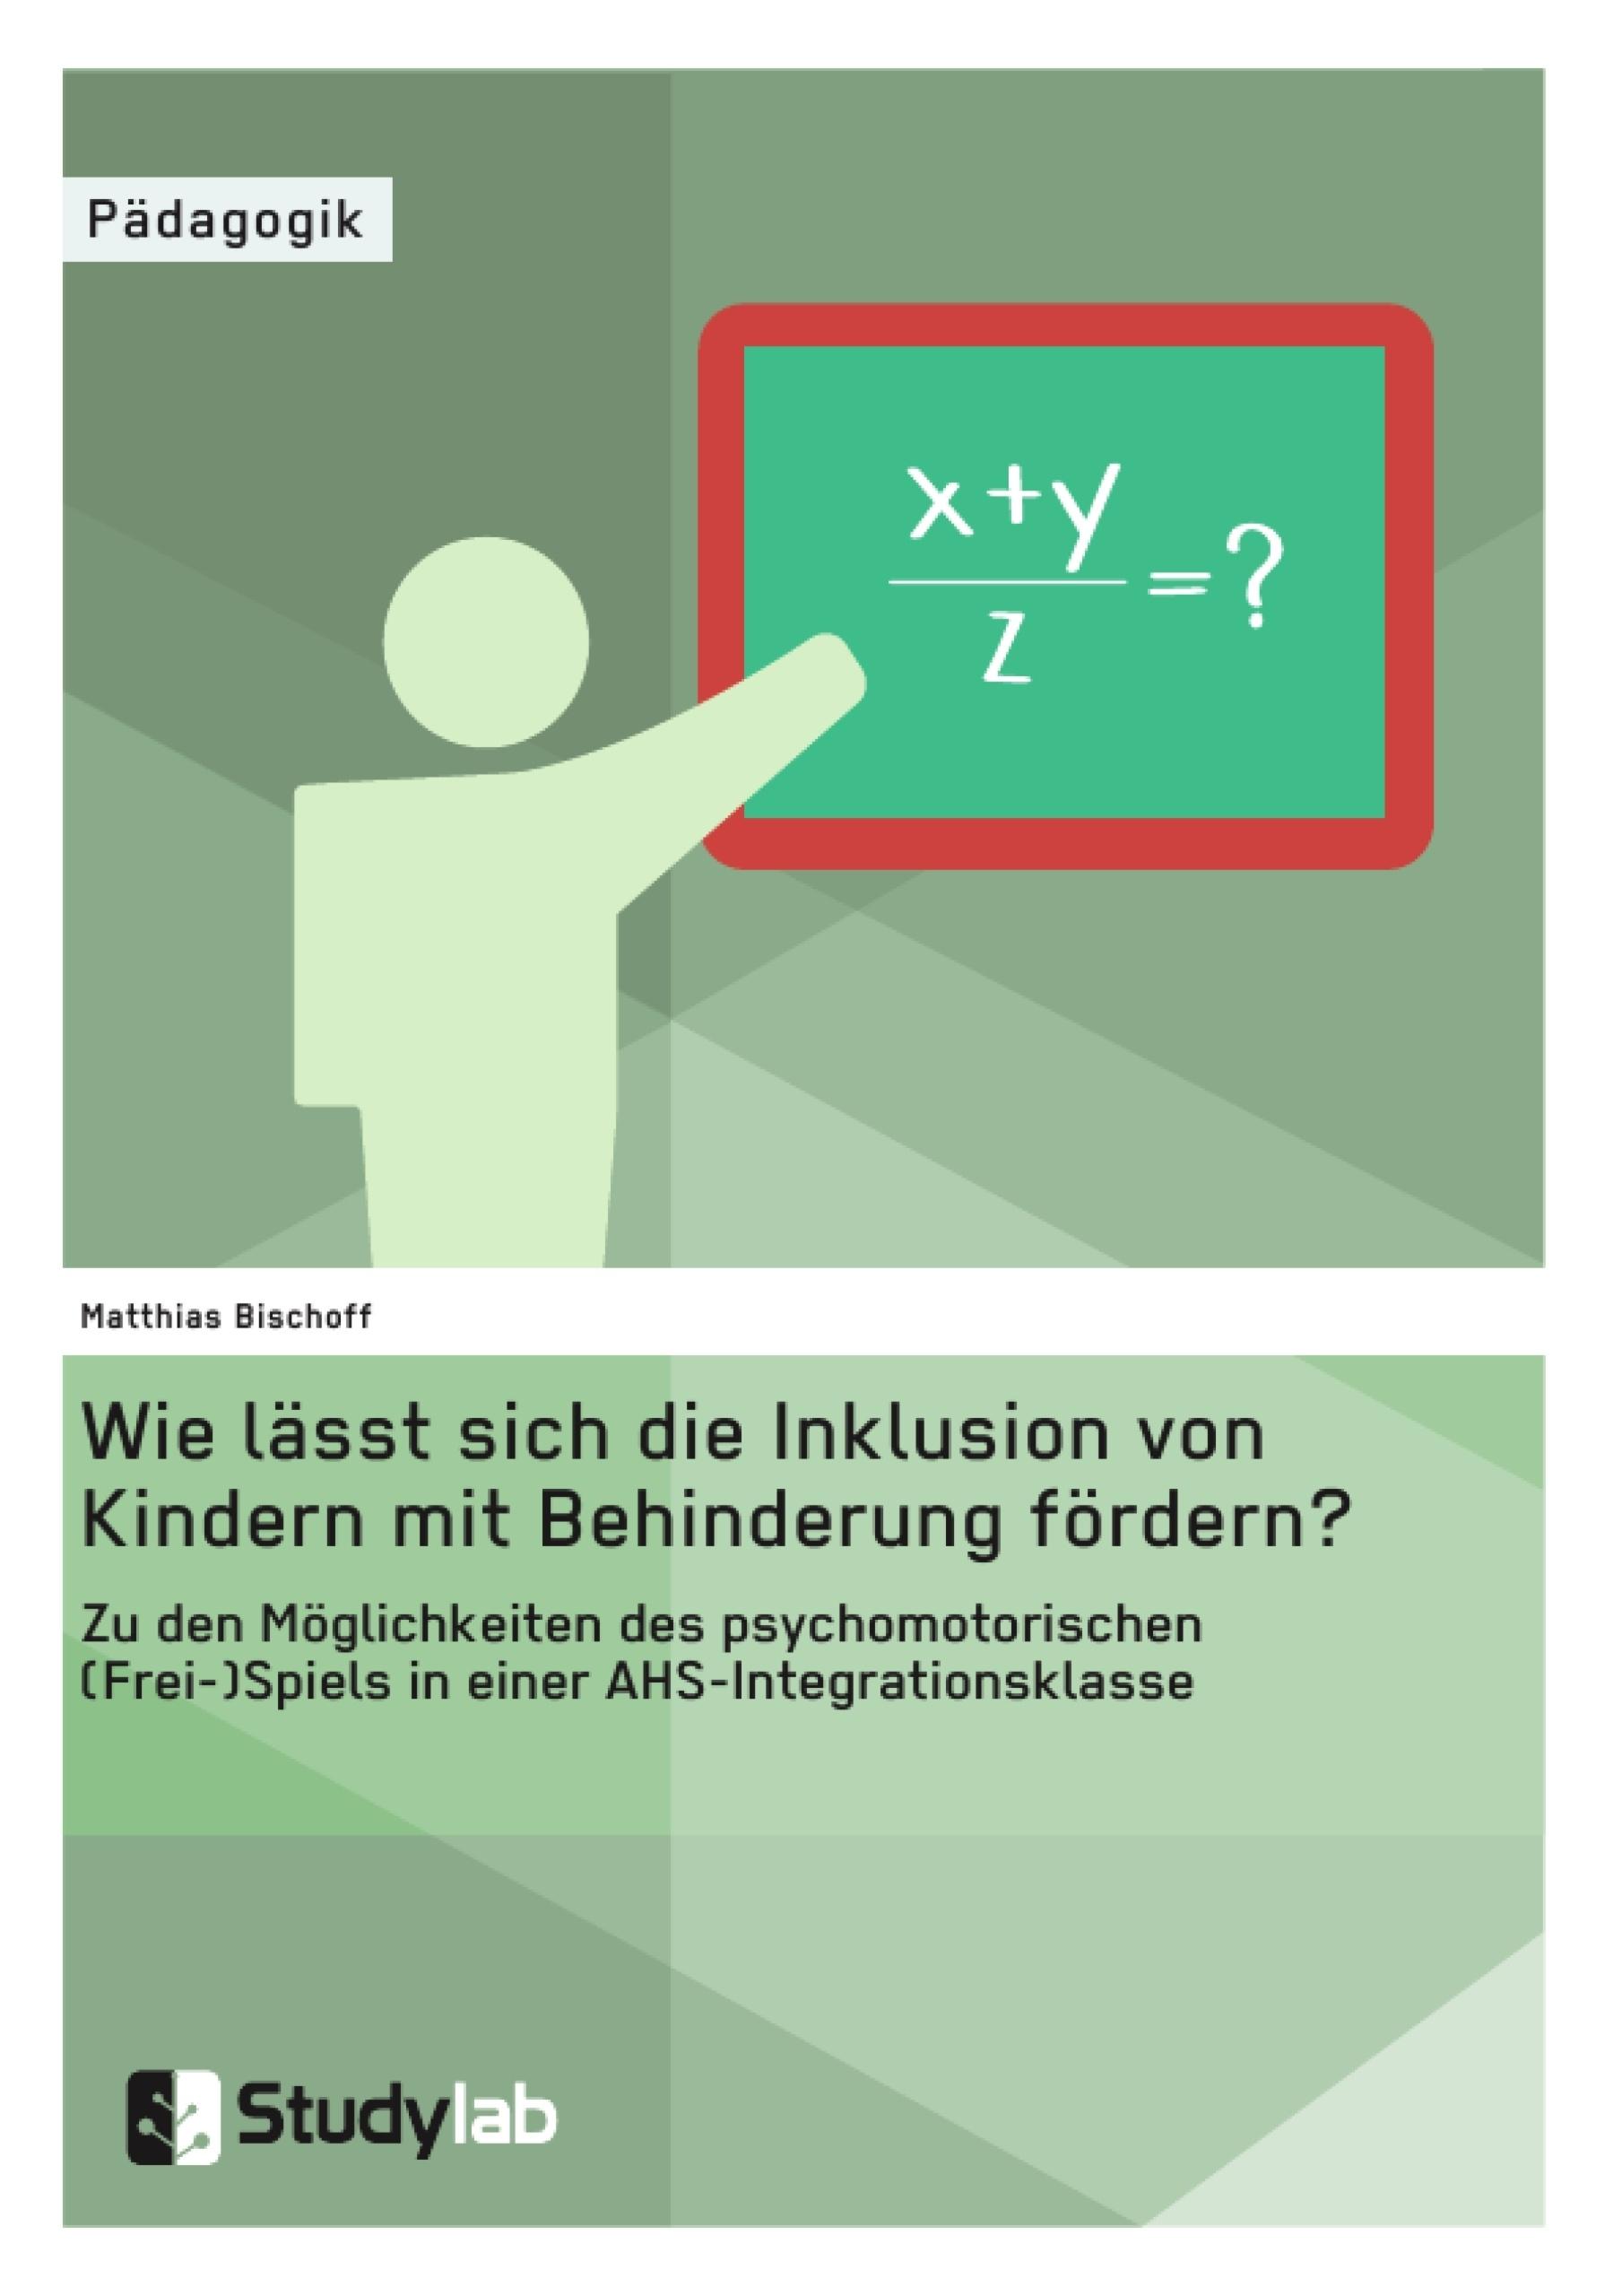 Titel: Wie lässt sich die Inklusion von Kindern mit Behinderung fördern? Zu den Möglichkeiten des psychomotorischen (Frei-)Spiels in einer AHS-Integrationsklasse